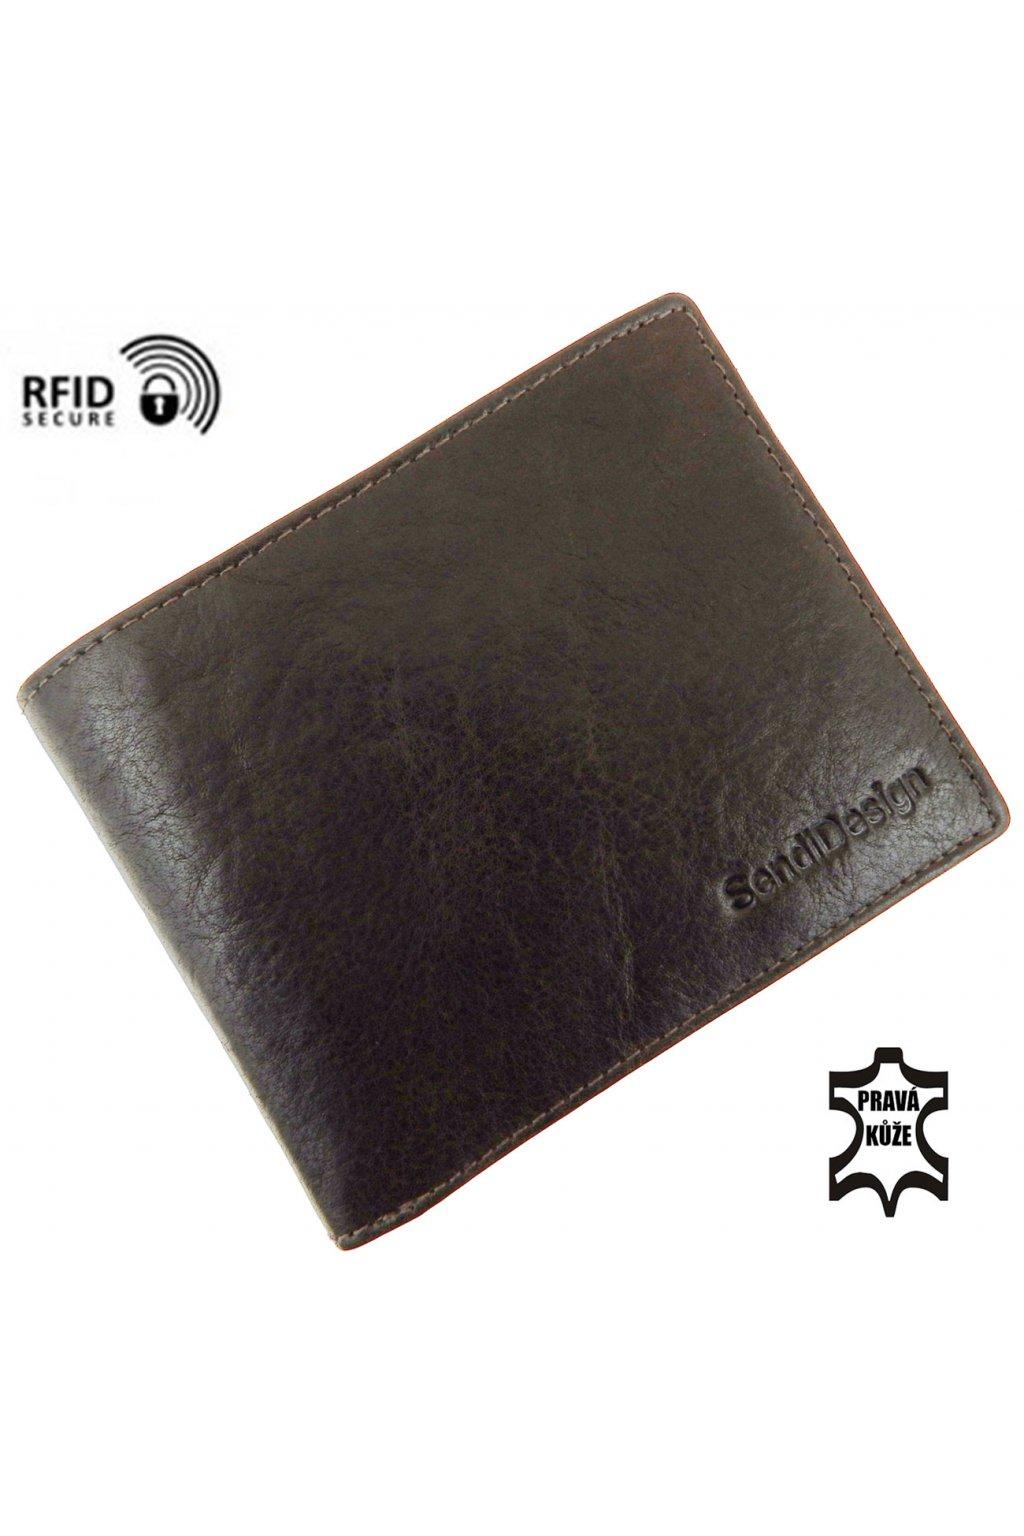 panska kozena penezenka pkp03 d305 h